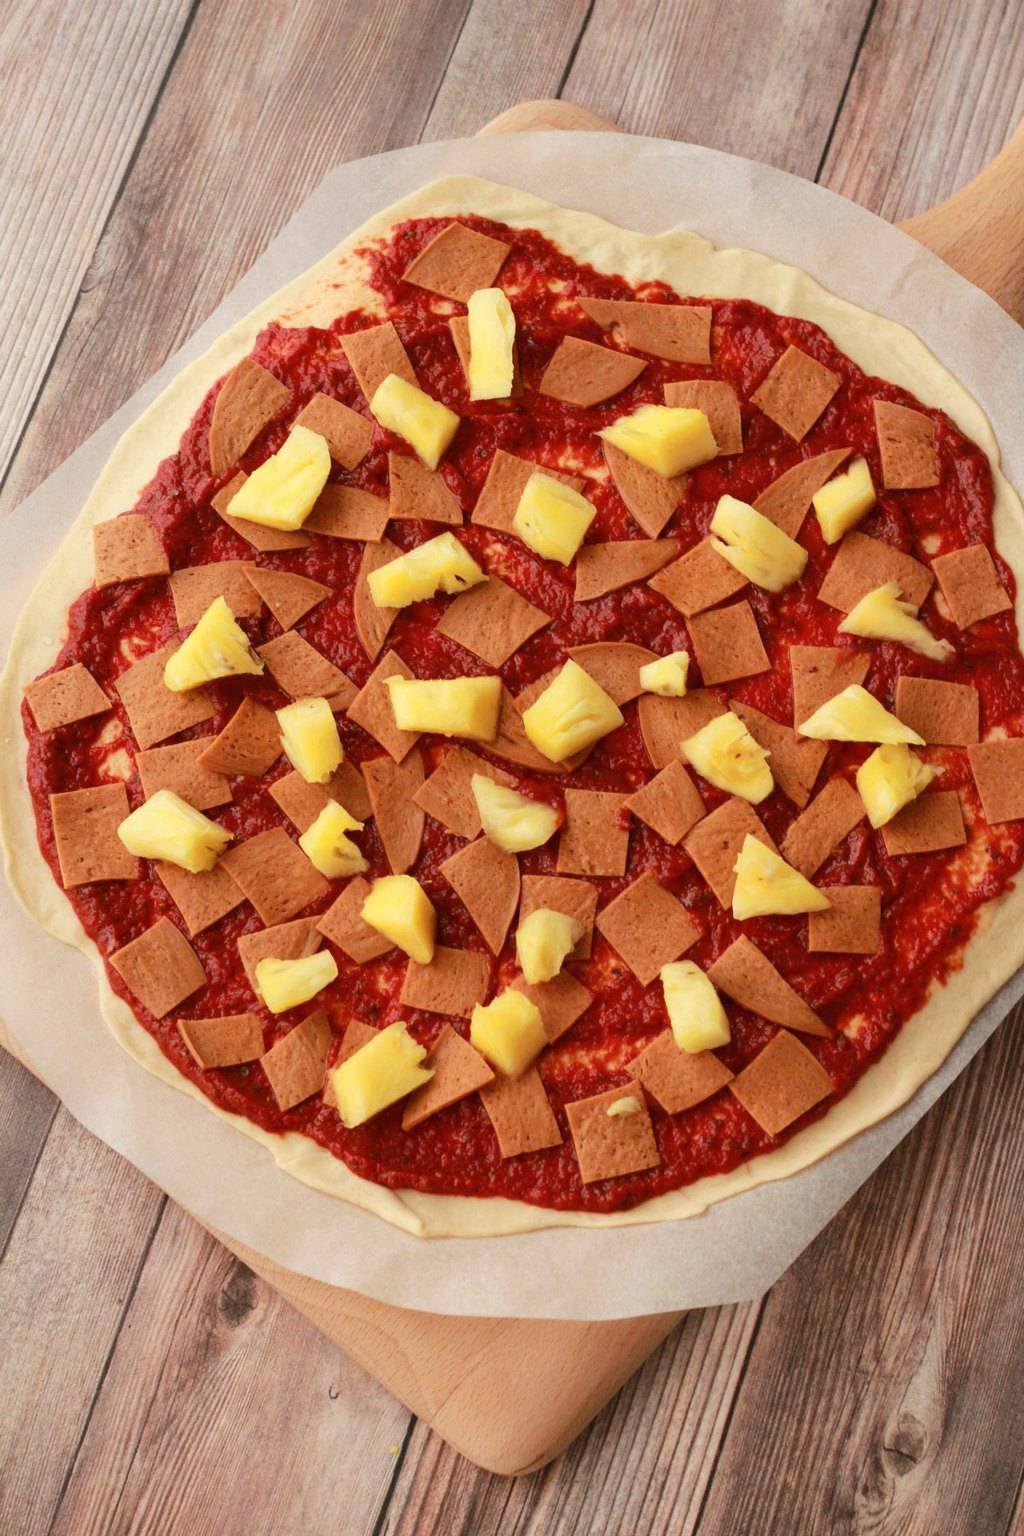 Making Thin Crust Vegan Pizzas #vegan #lovingitvegan #veganpizza